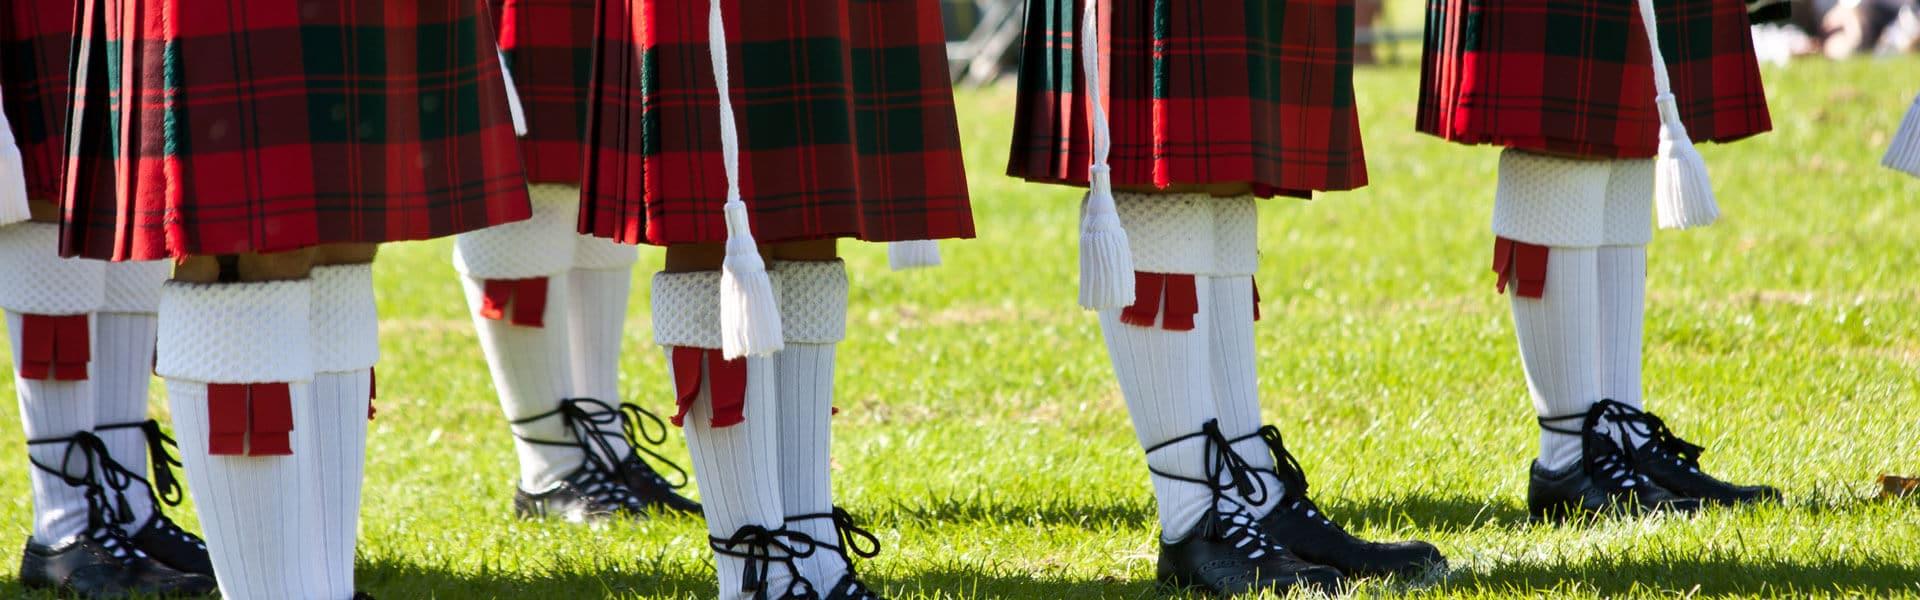 Schottenrock und Dudelsack gehören zur schottischen Kultur